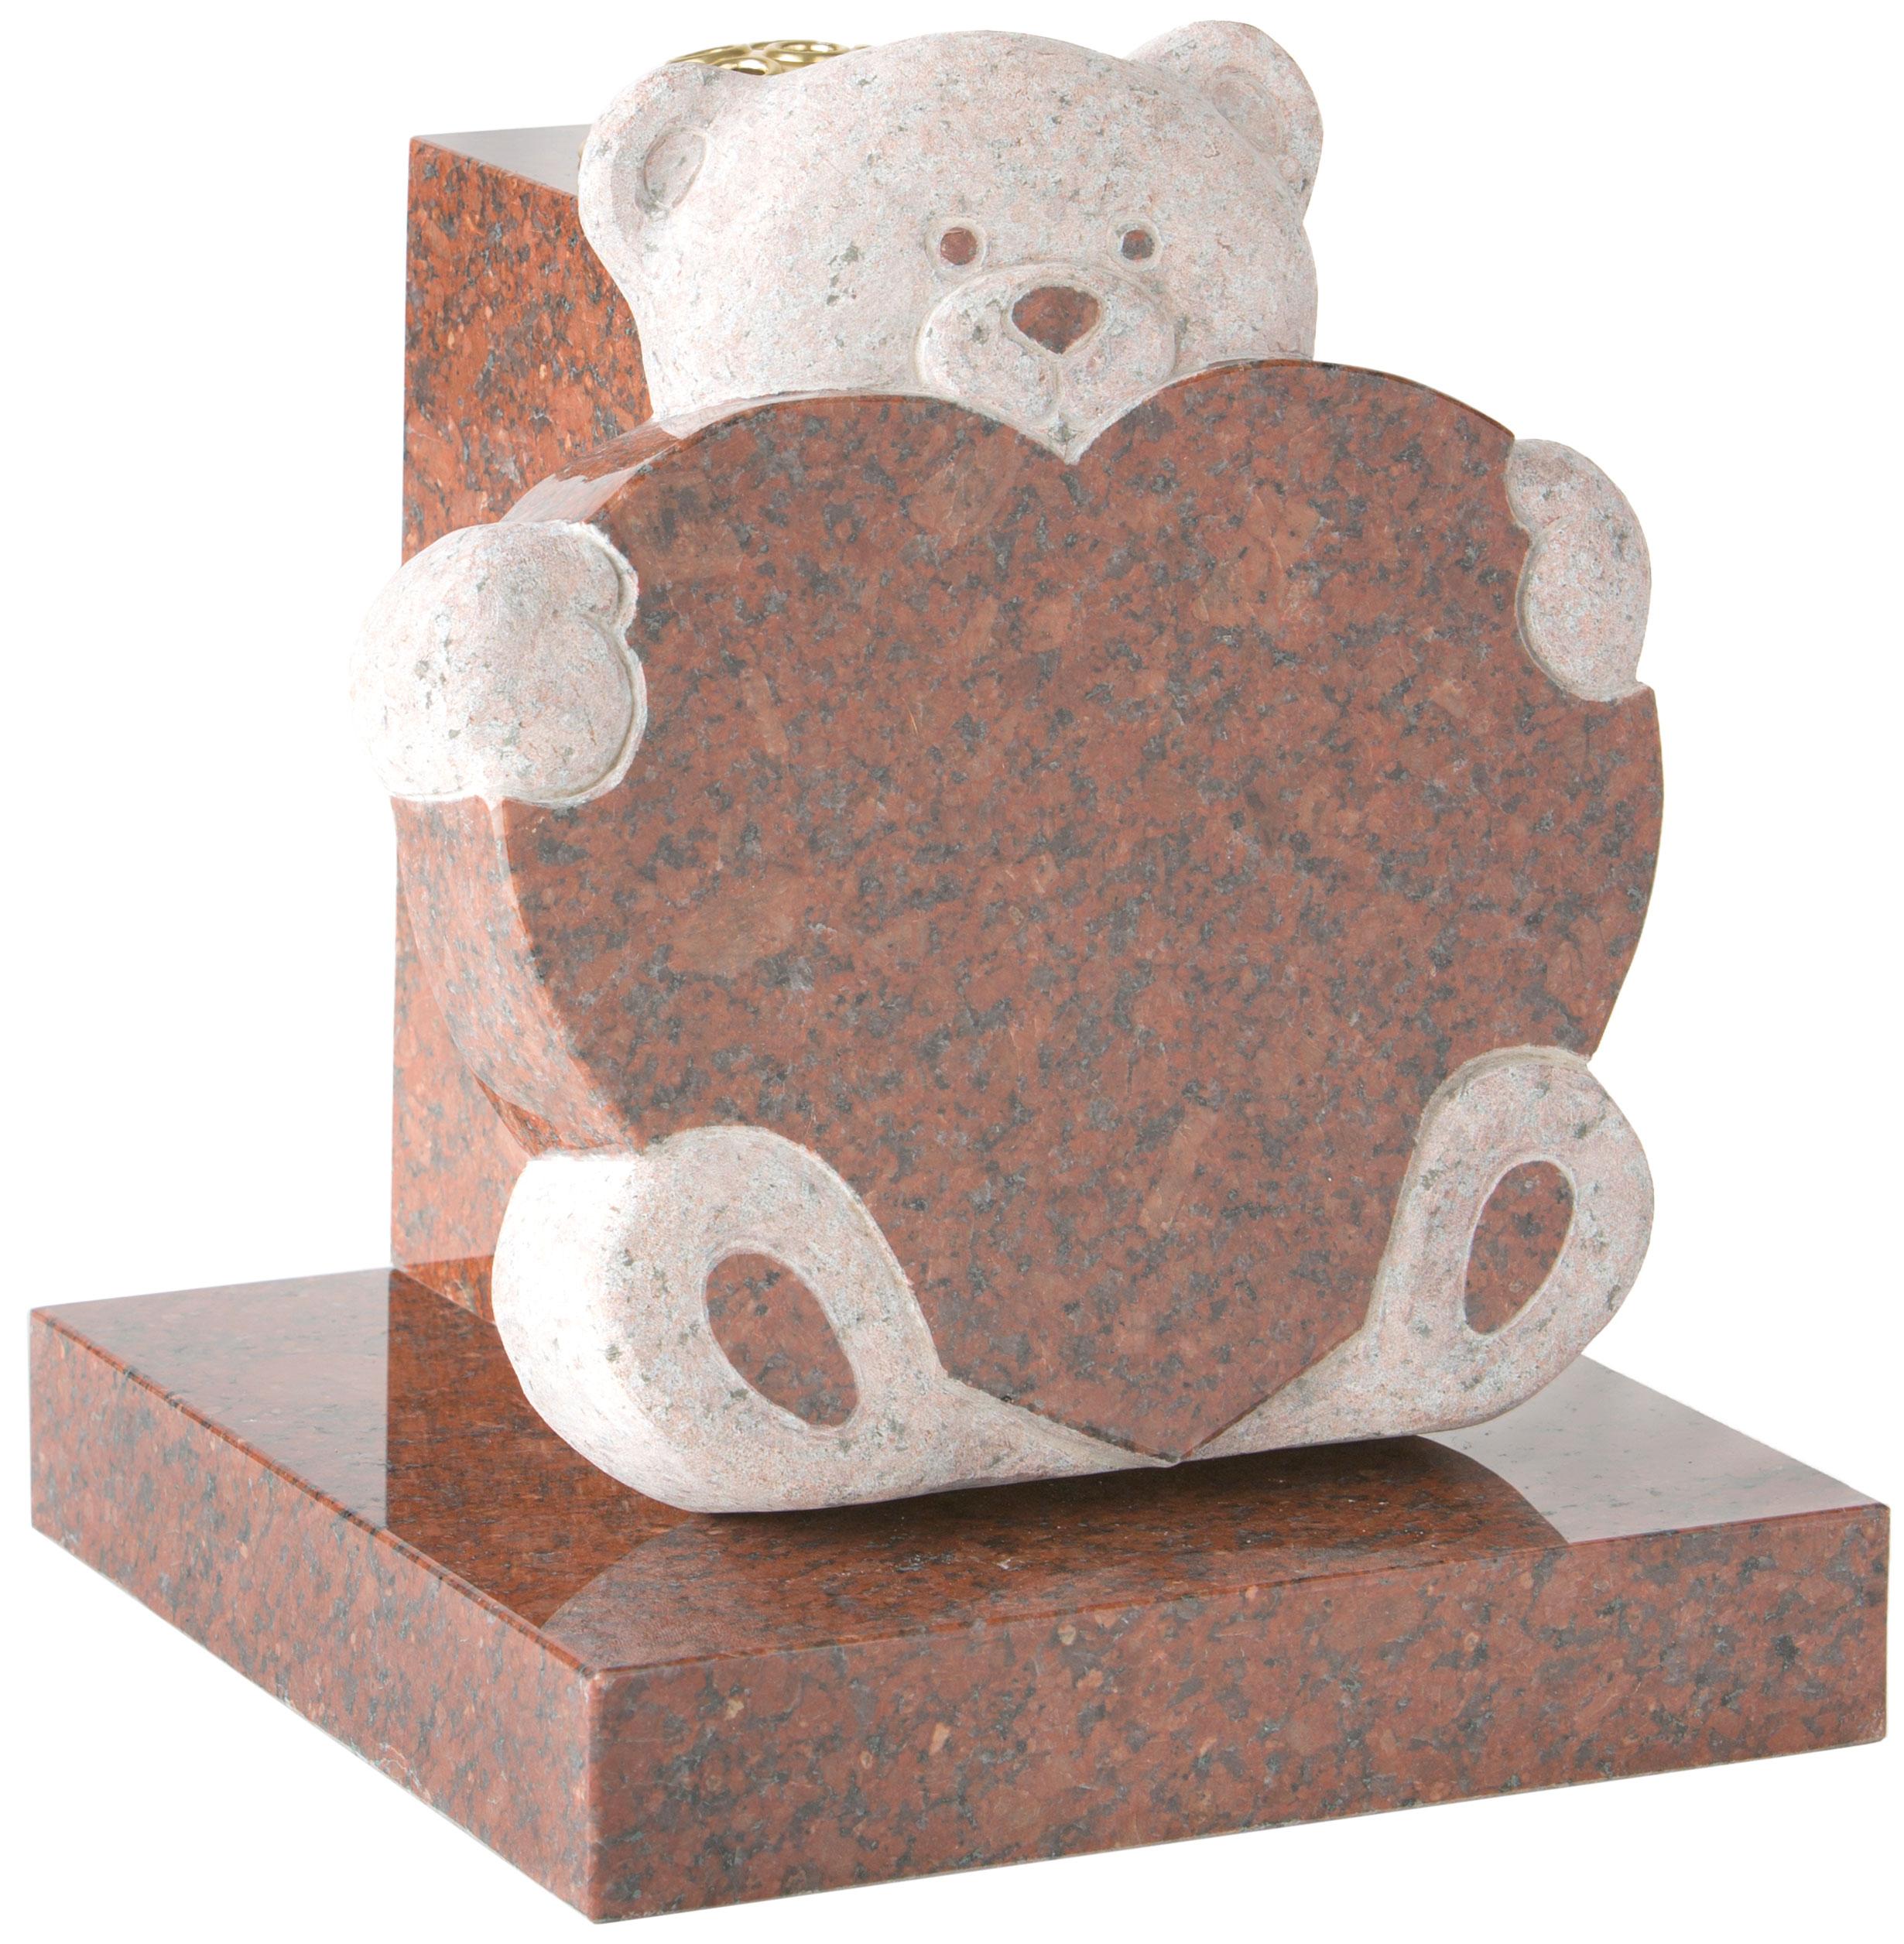 16169 Teddy Bears